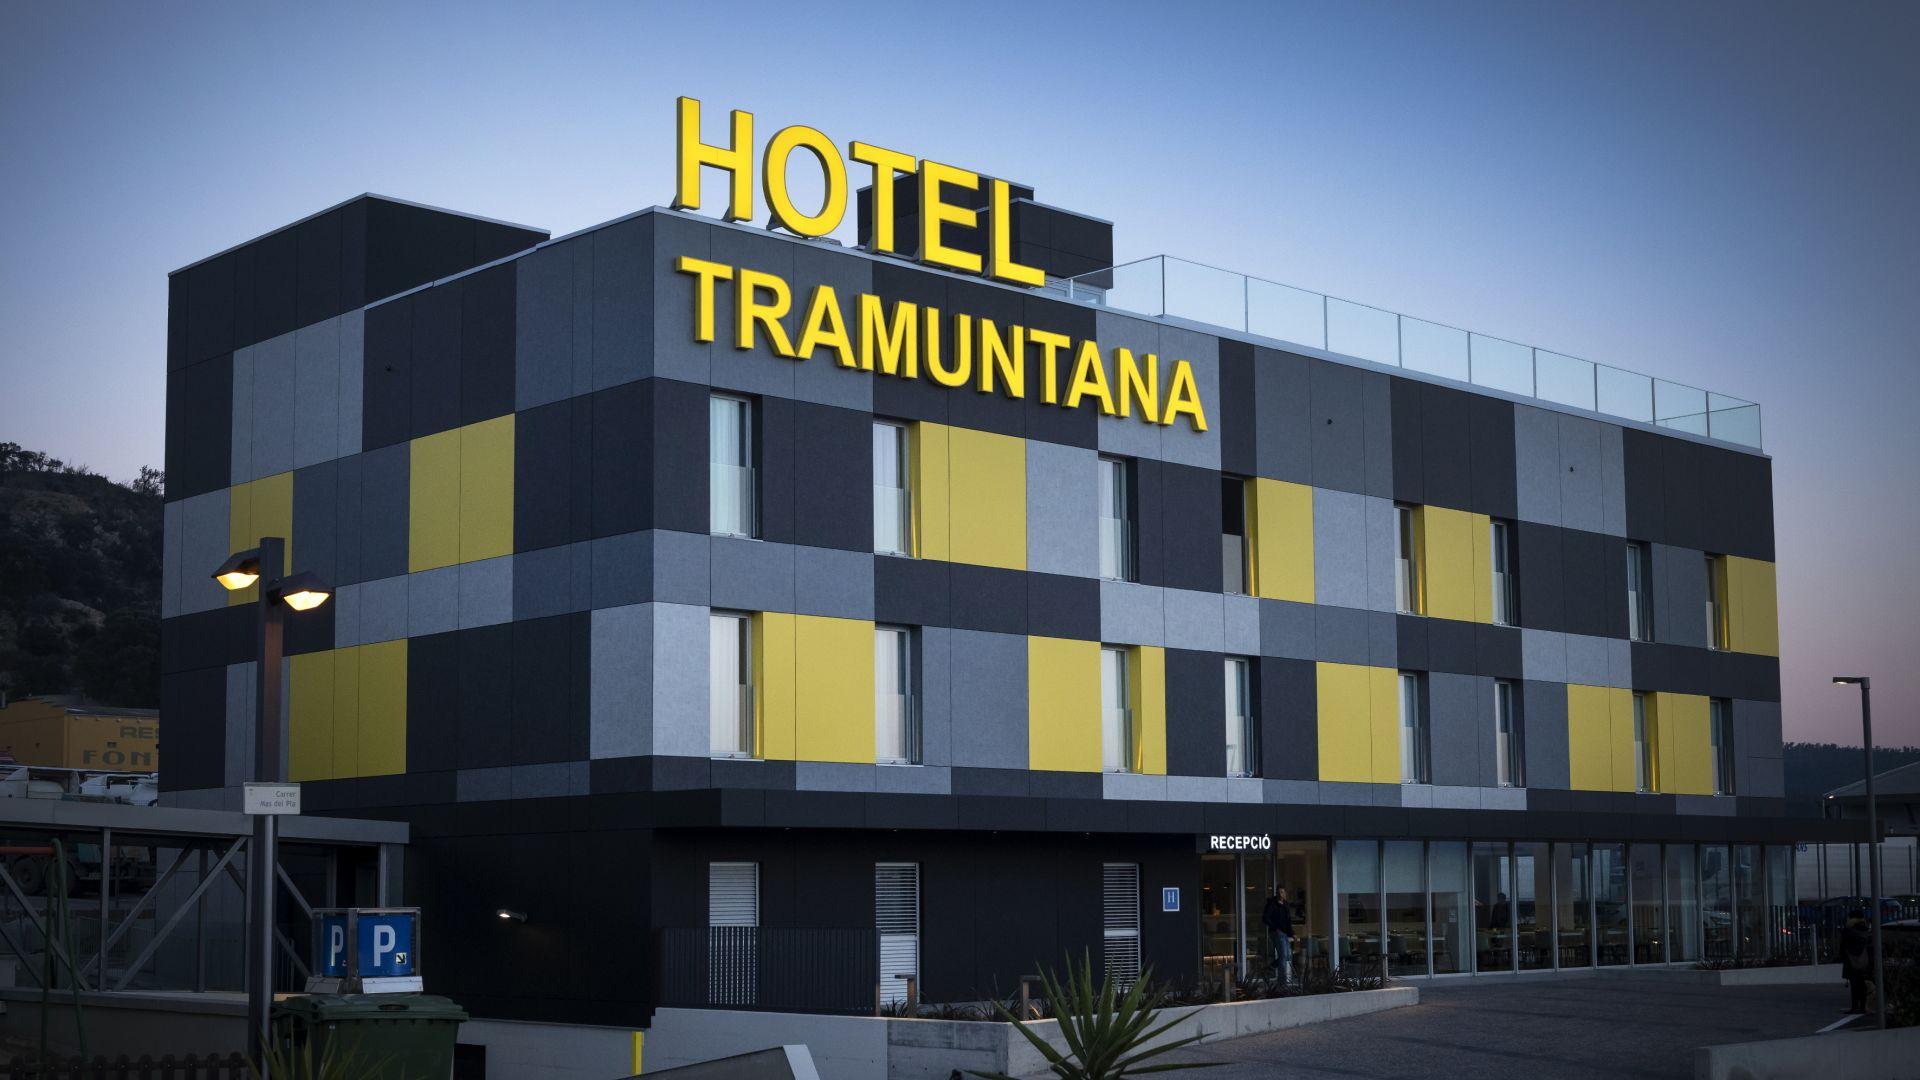 Benvinguts a l'Hotel Tramuntana